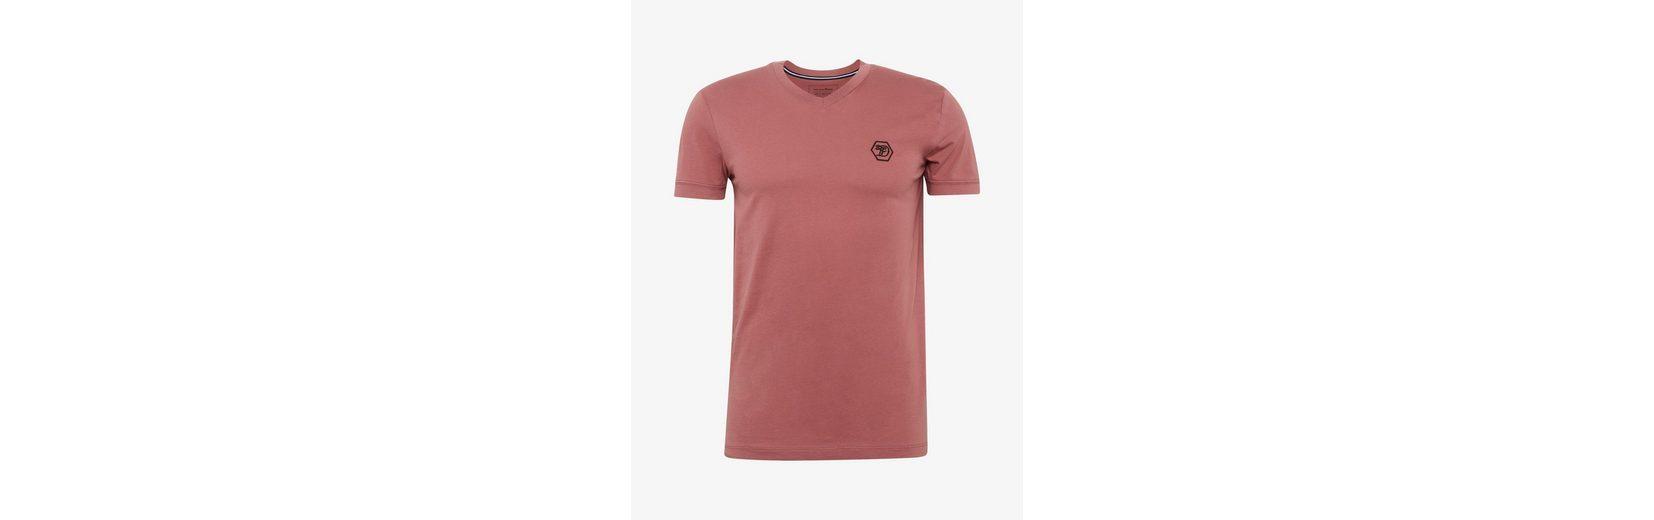 Billig Gutes Verkauf Verkauf Ebay Tom Tailor Denim T-Shirt T-Shirt mit Logo-Stickerei WR8vjX